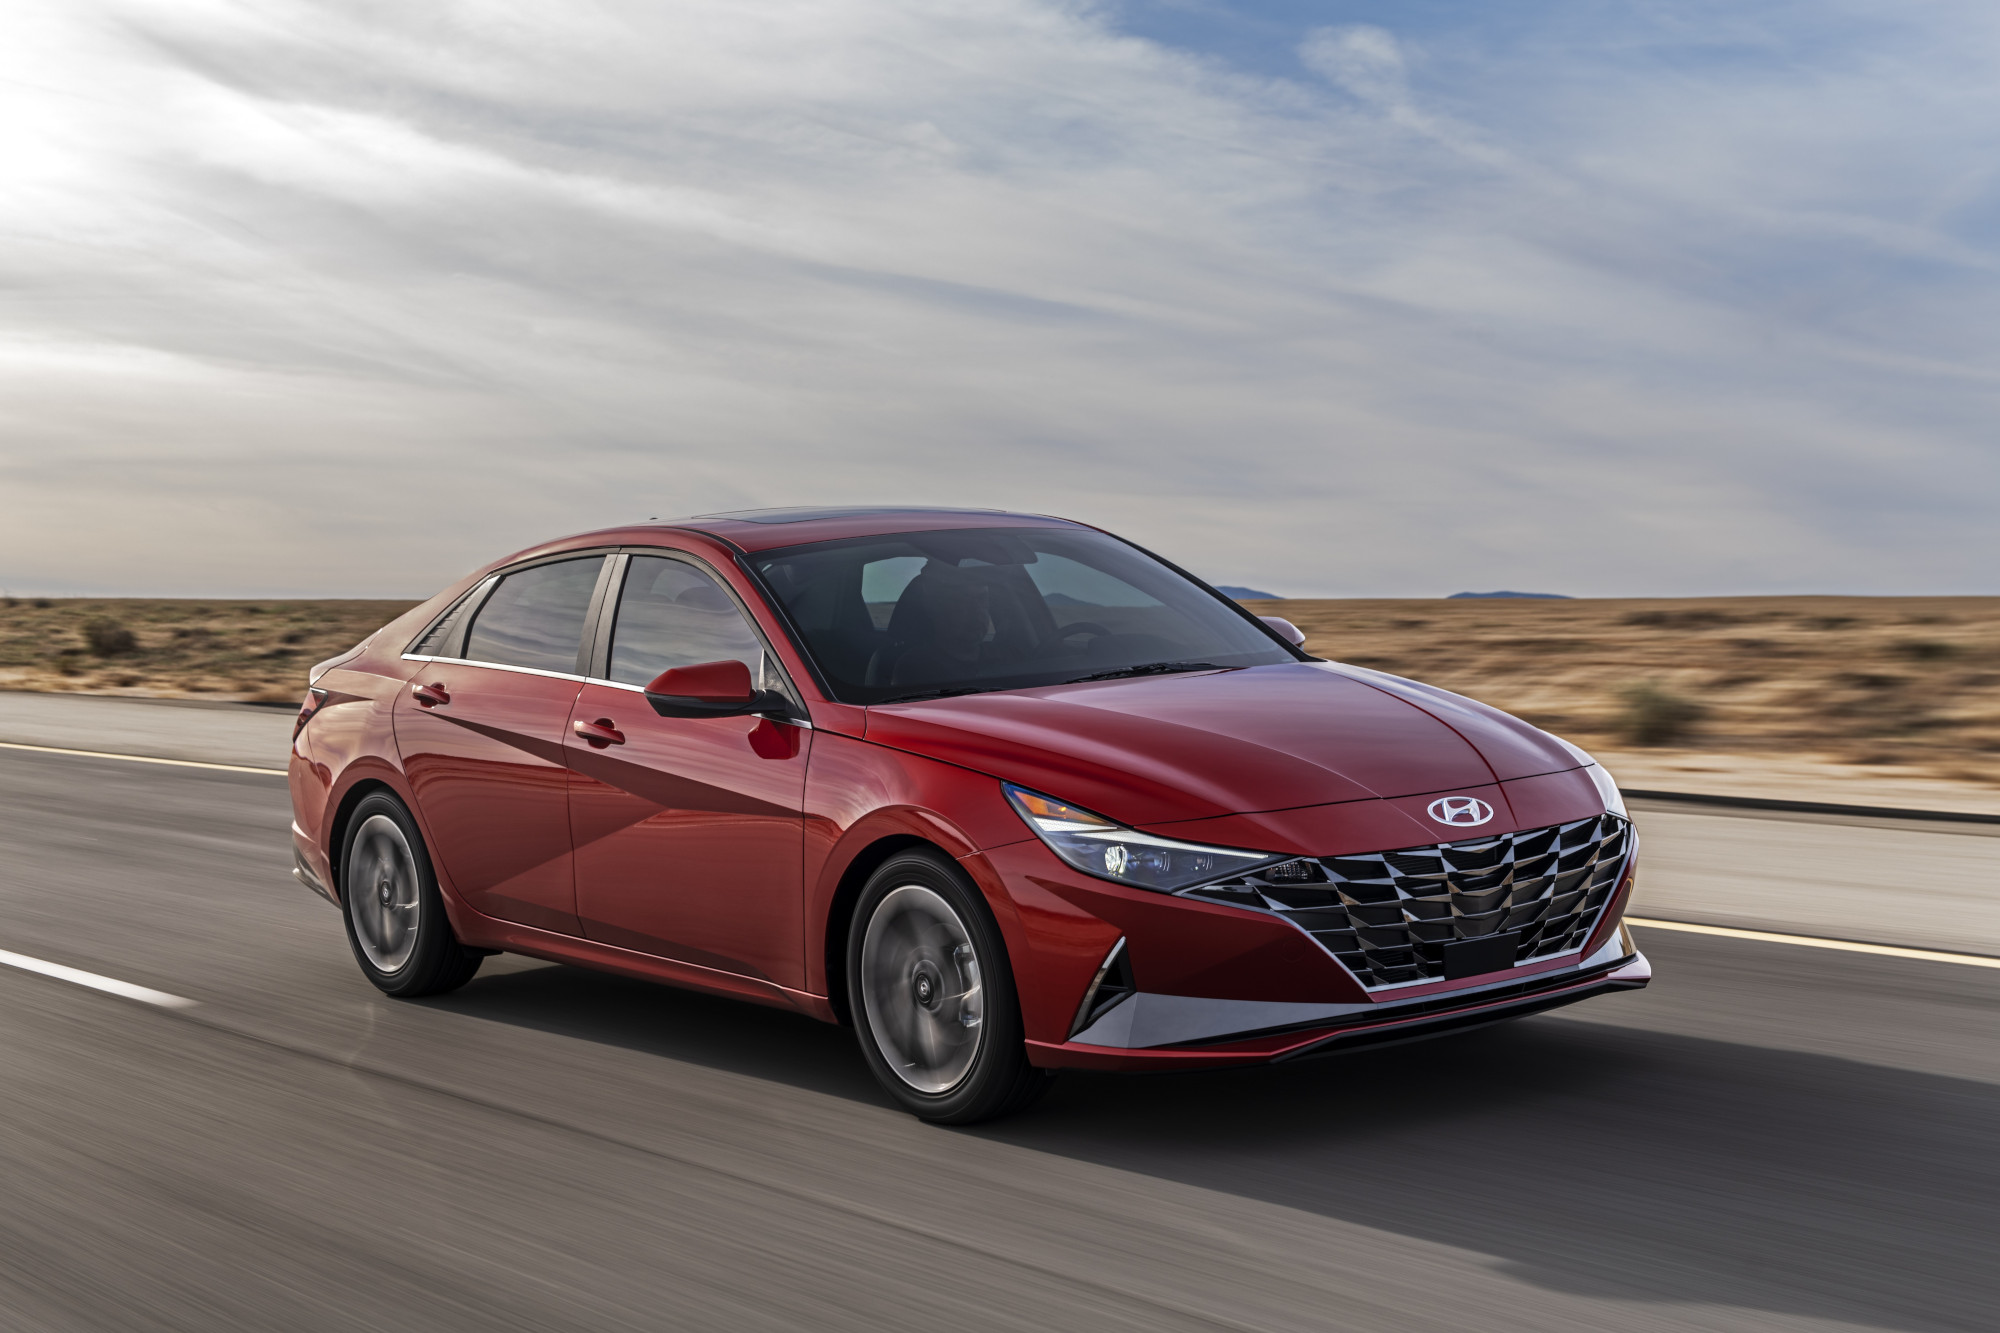 Hyundai Elantra 2021 debuta en Hollywood, llega versión híbrida